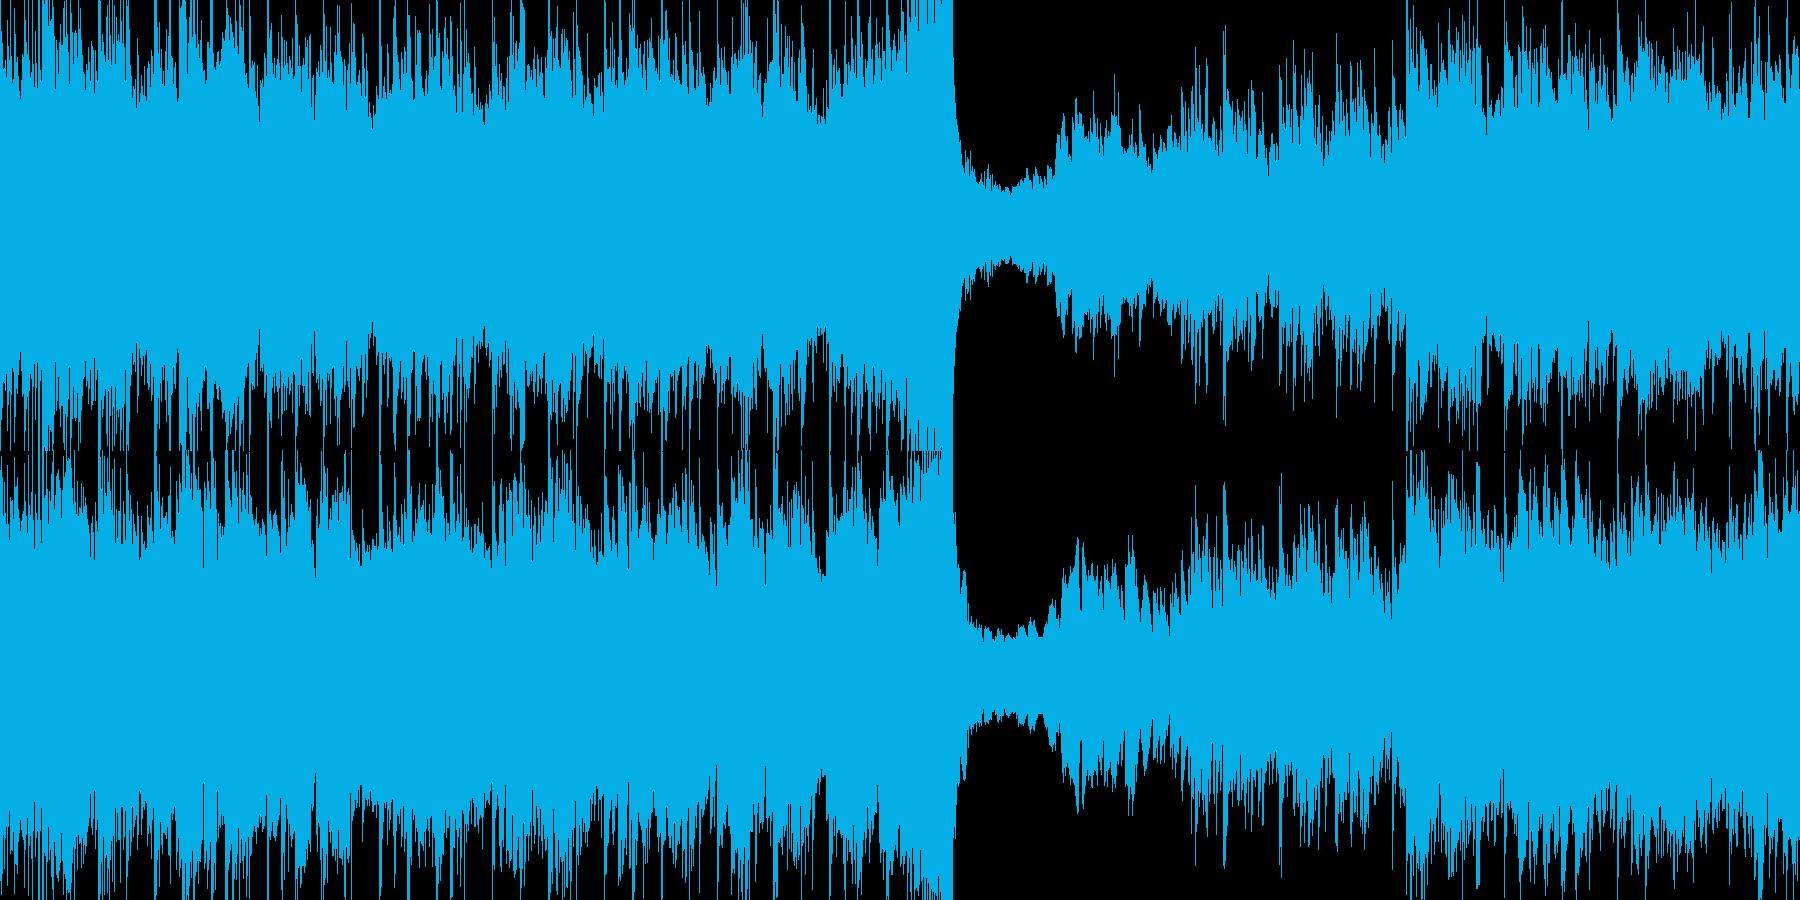 60秒ジャストのわくわくする楽しい曲の再生済みの波形